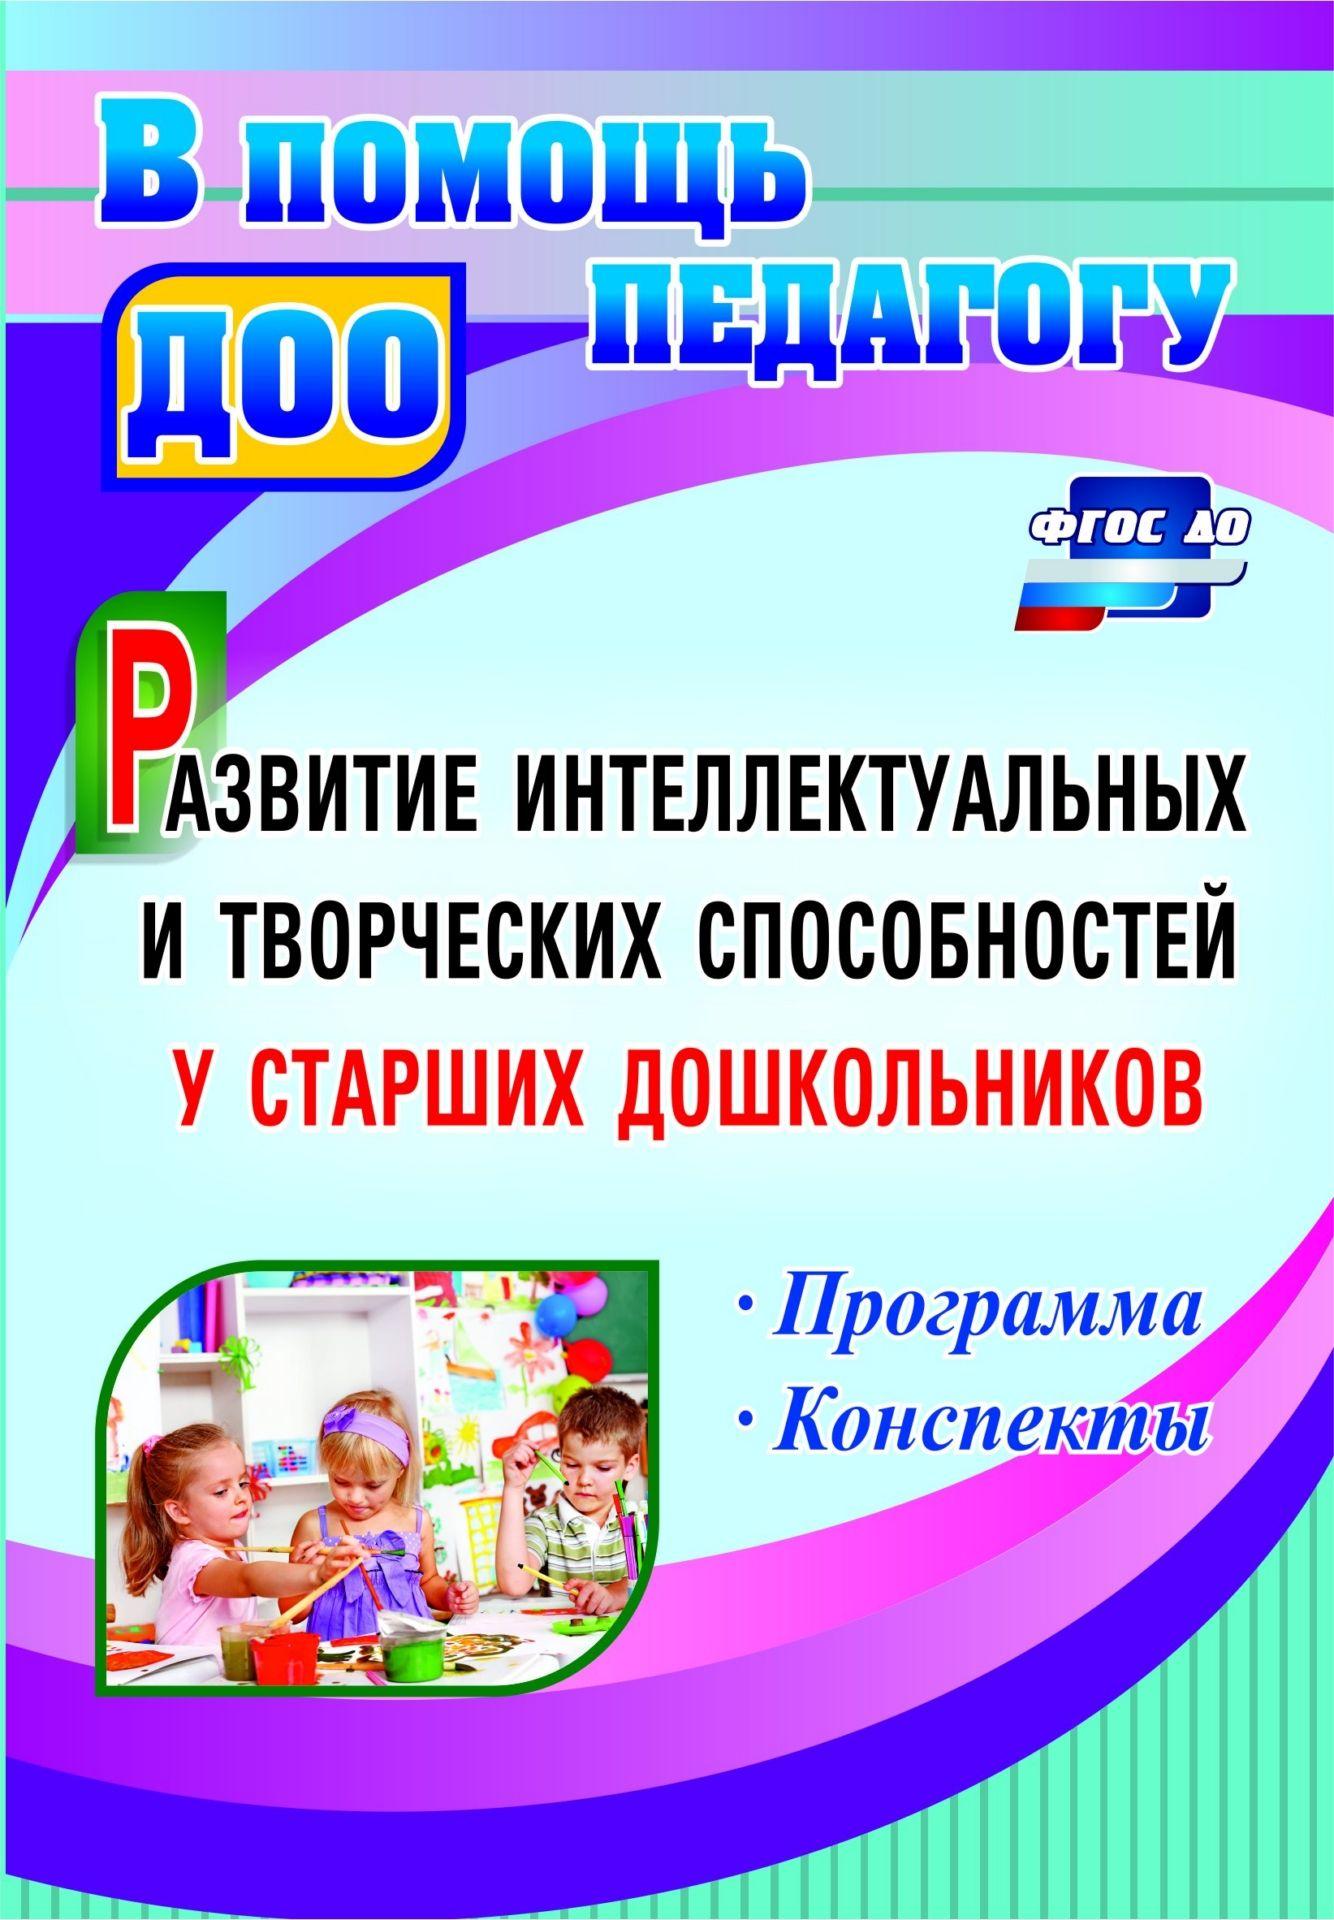 Купить со скидкой Развитие интеллектуальных и творческих способностей у старших дошкольников. Программа. Конспекты